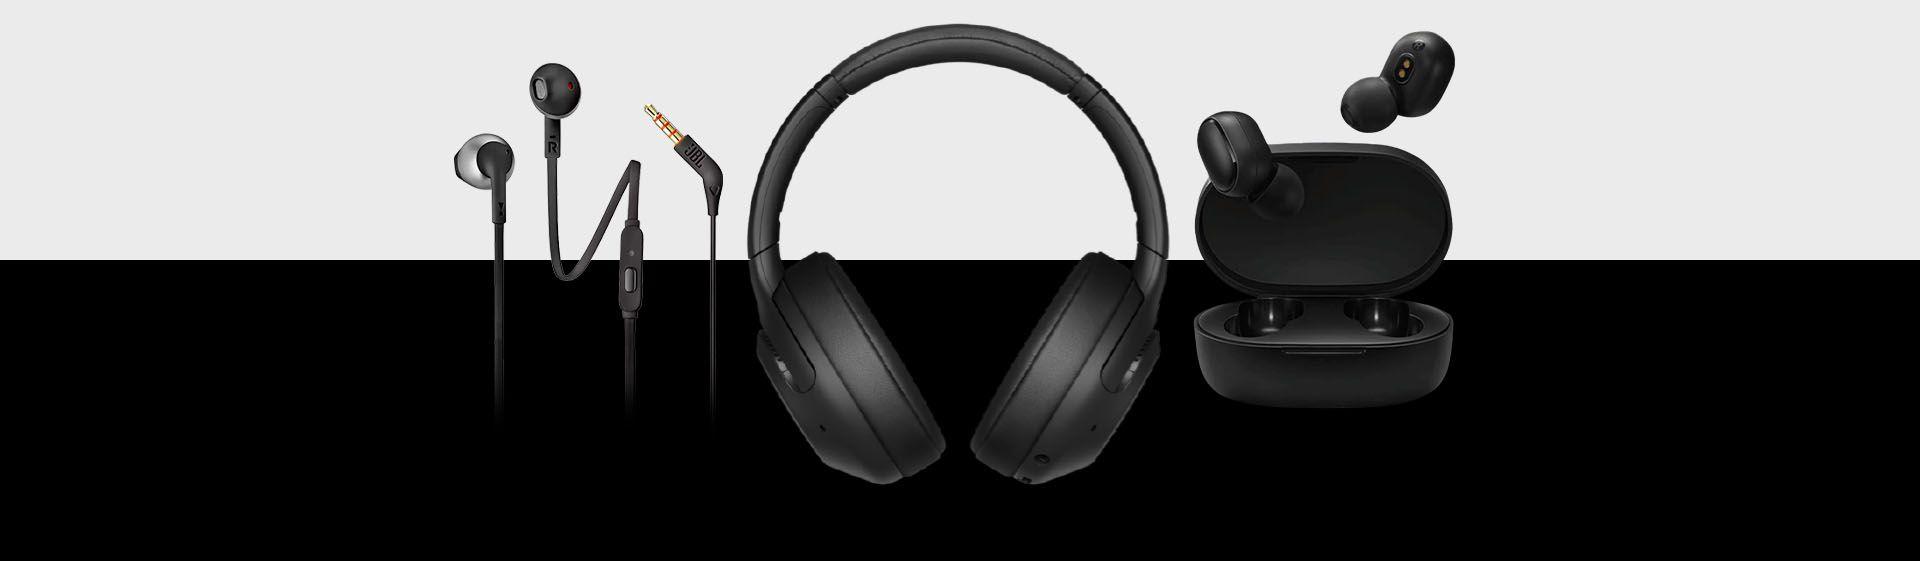 Como avaliamos os fones de ouvido no Zoom